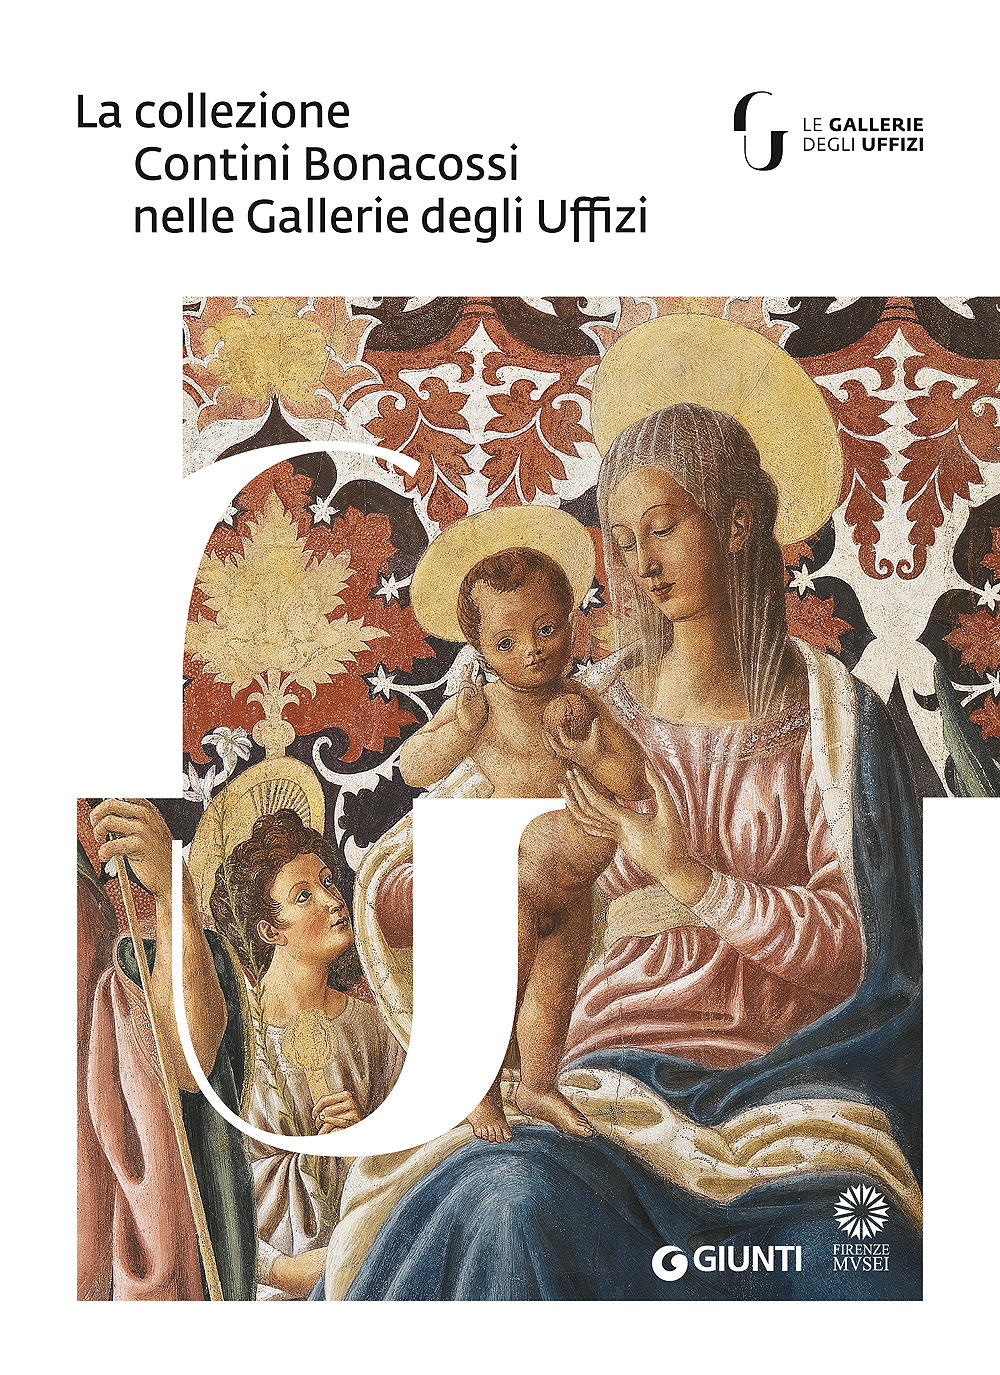 La collezione Contini Bonacossi nelle Gallerie degli Uffizi